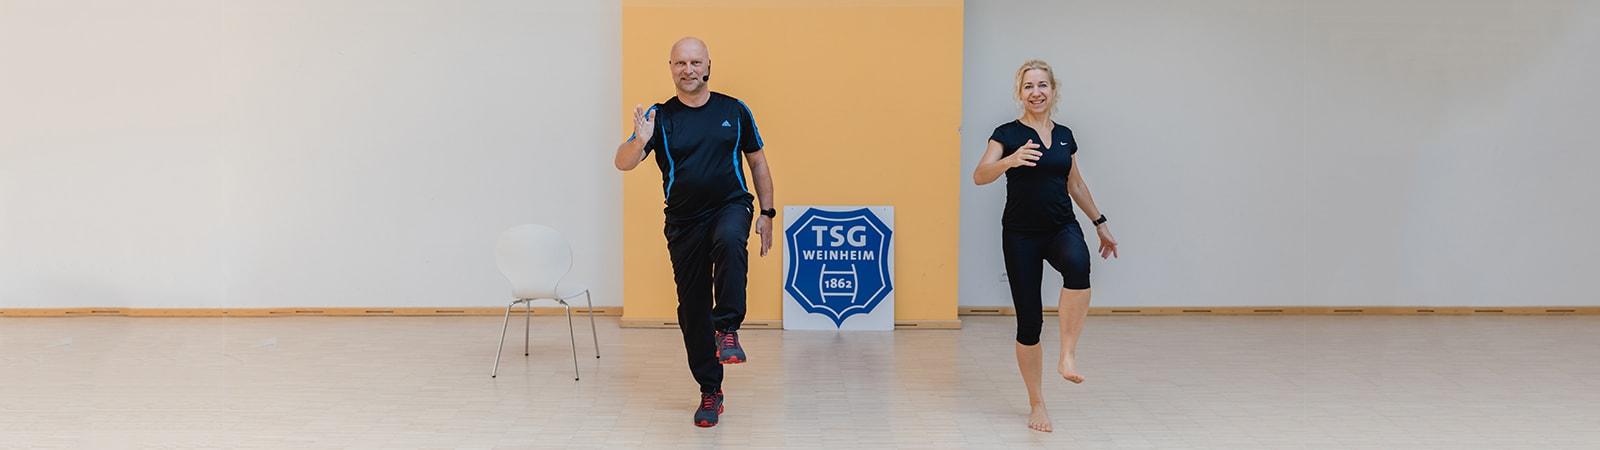 Badminton bei der TSG Weinheim